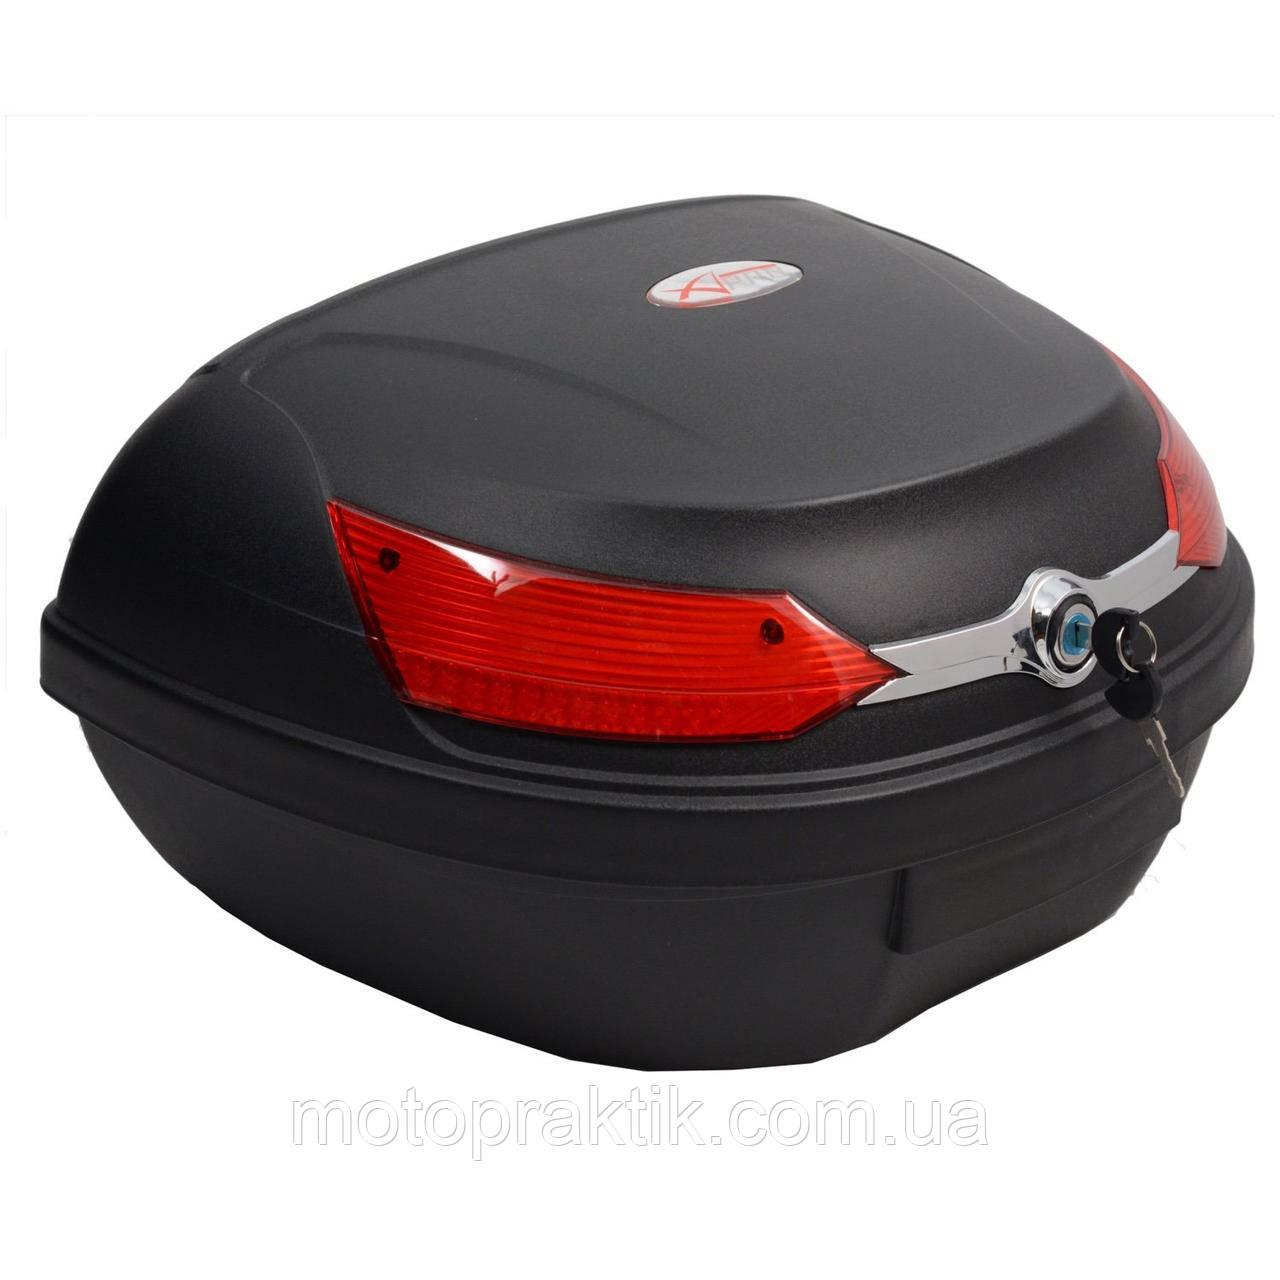 Кофр пластиковый (ТопБокс) FXW HF- 818 Черный матовый 45л (на два шлема)